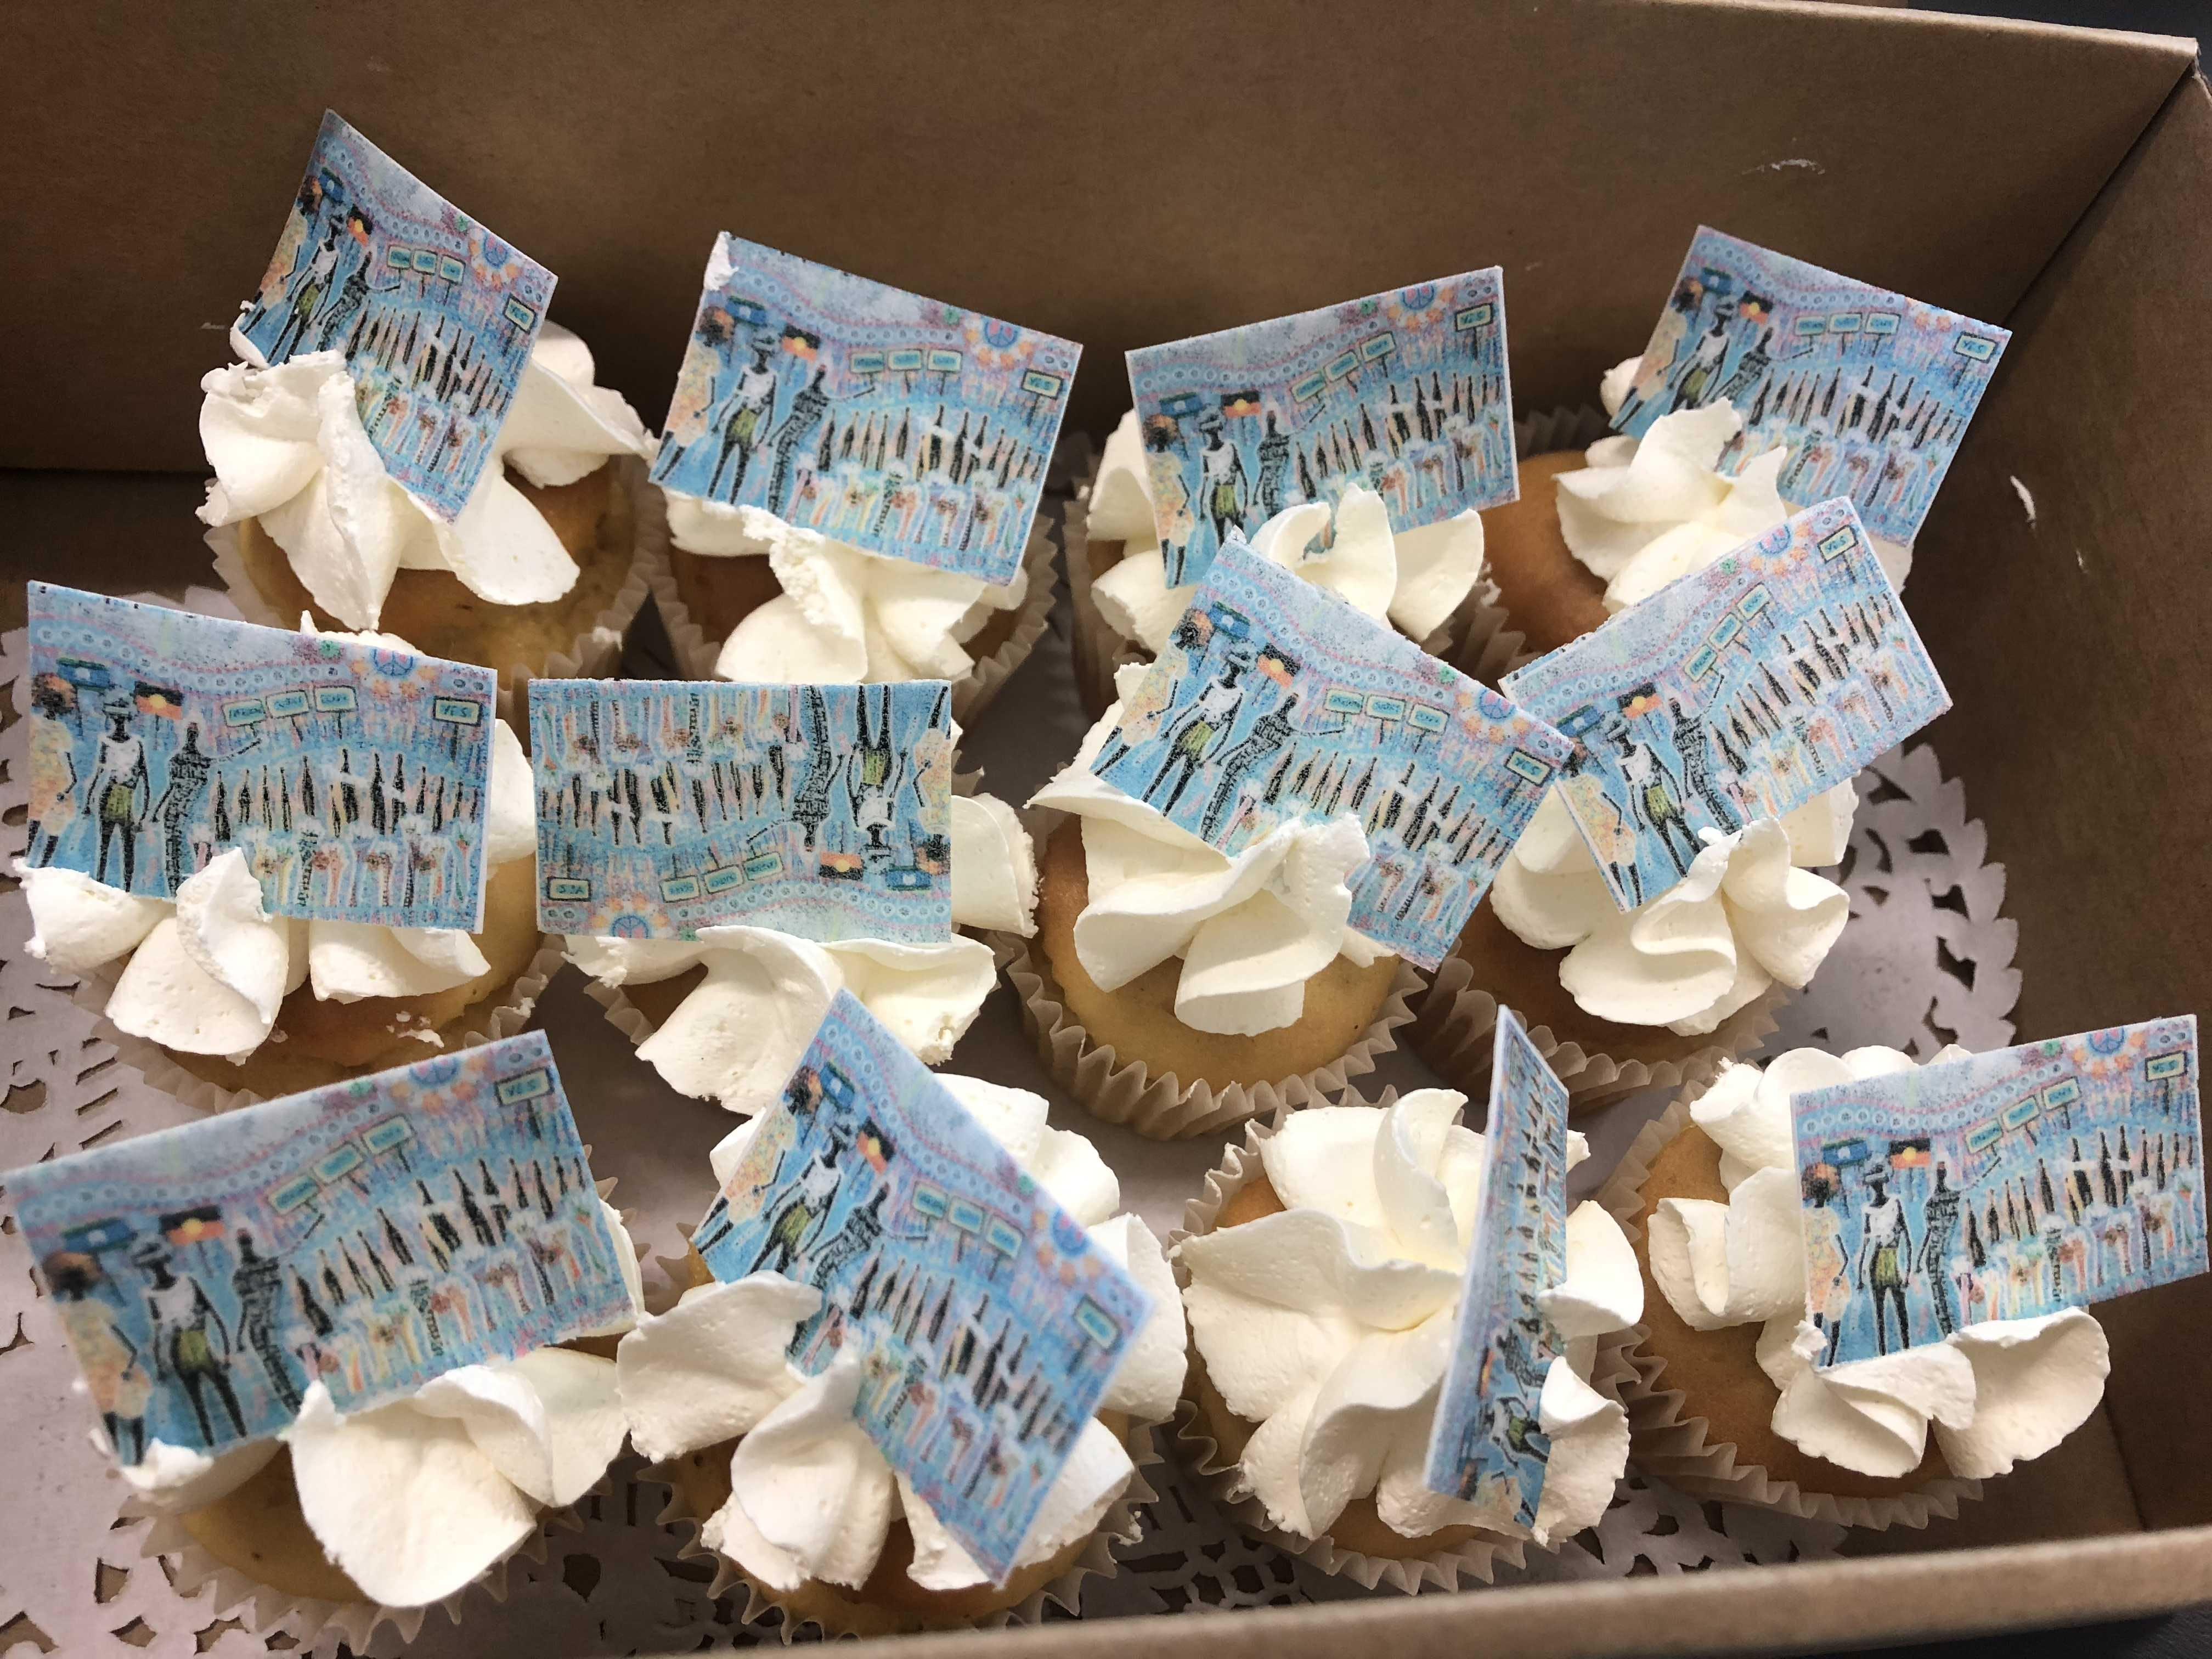 NAIDOC Week cupcakes